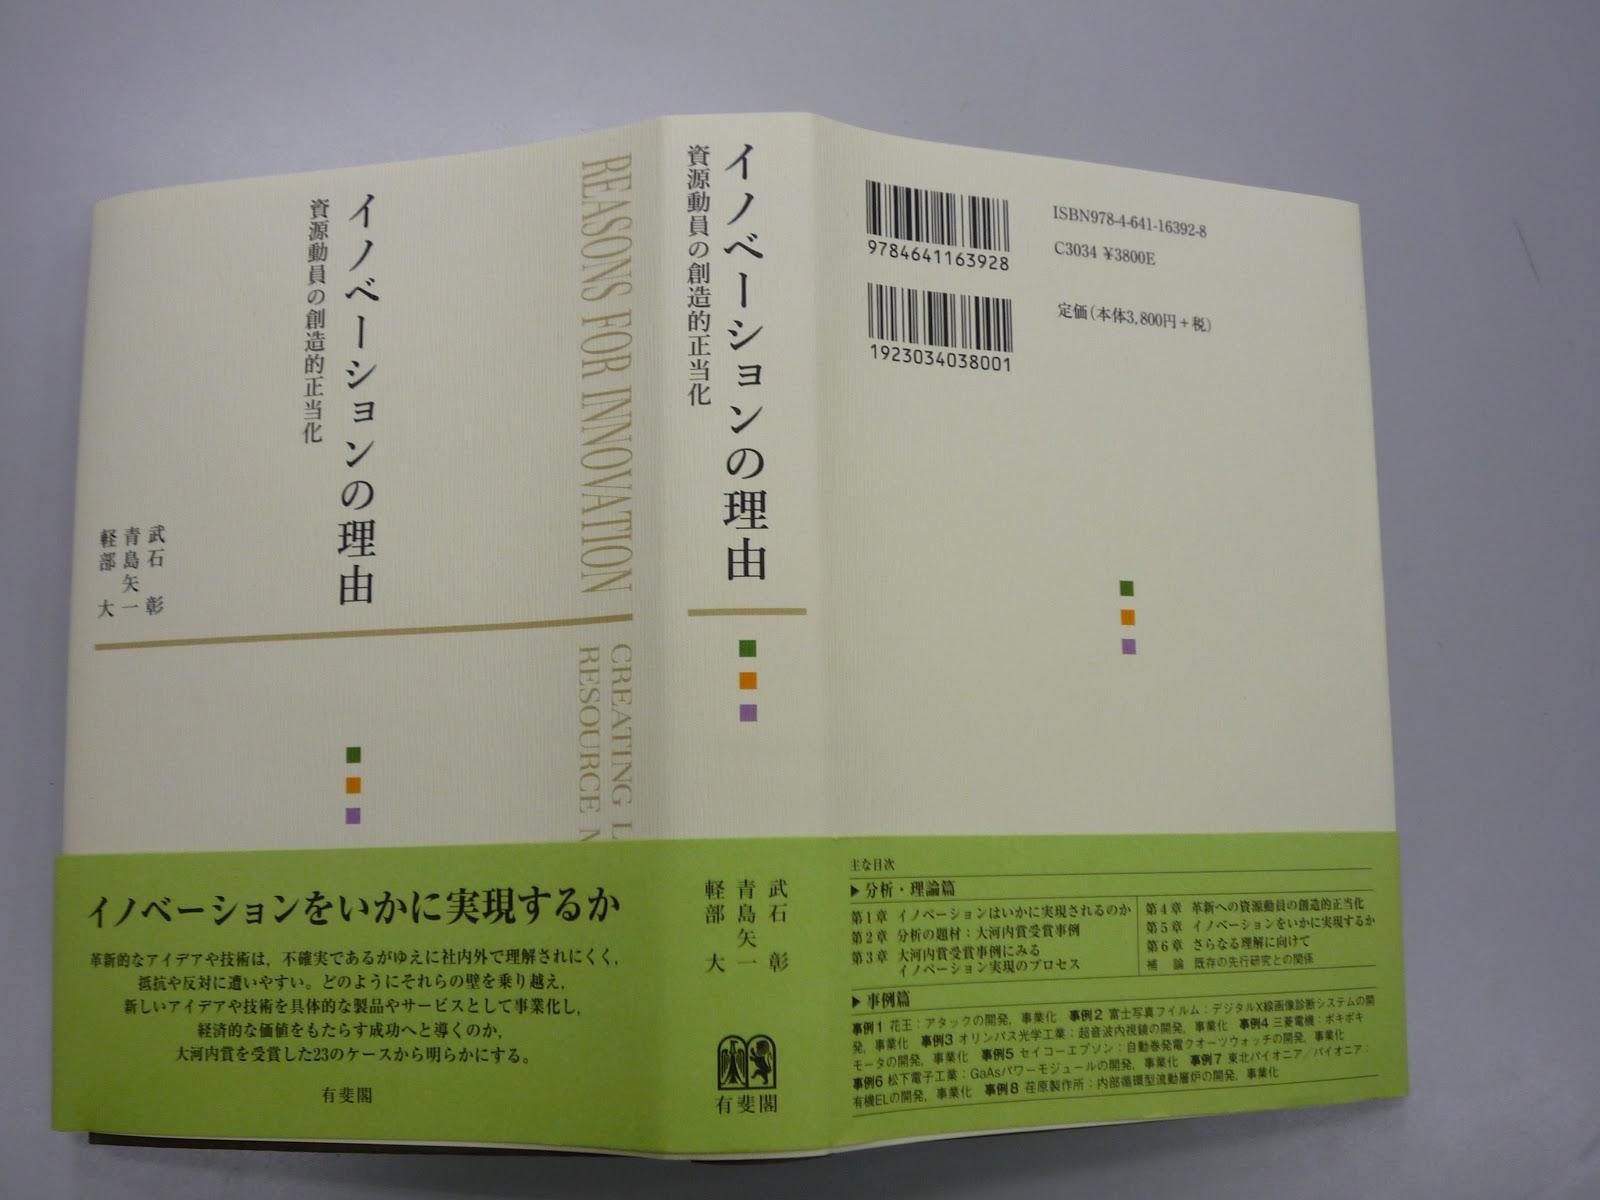 2000年卒業の鈴木健嗣氏が日経・経済図書文化賞 …